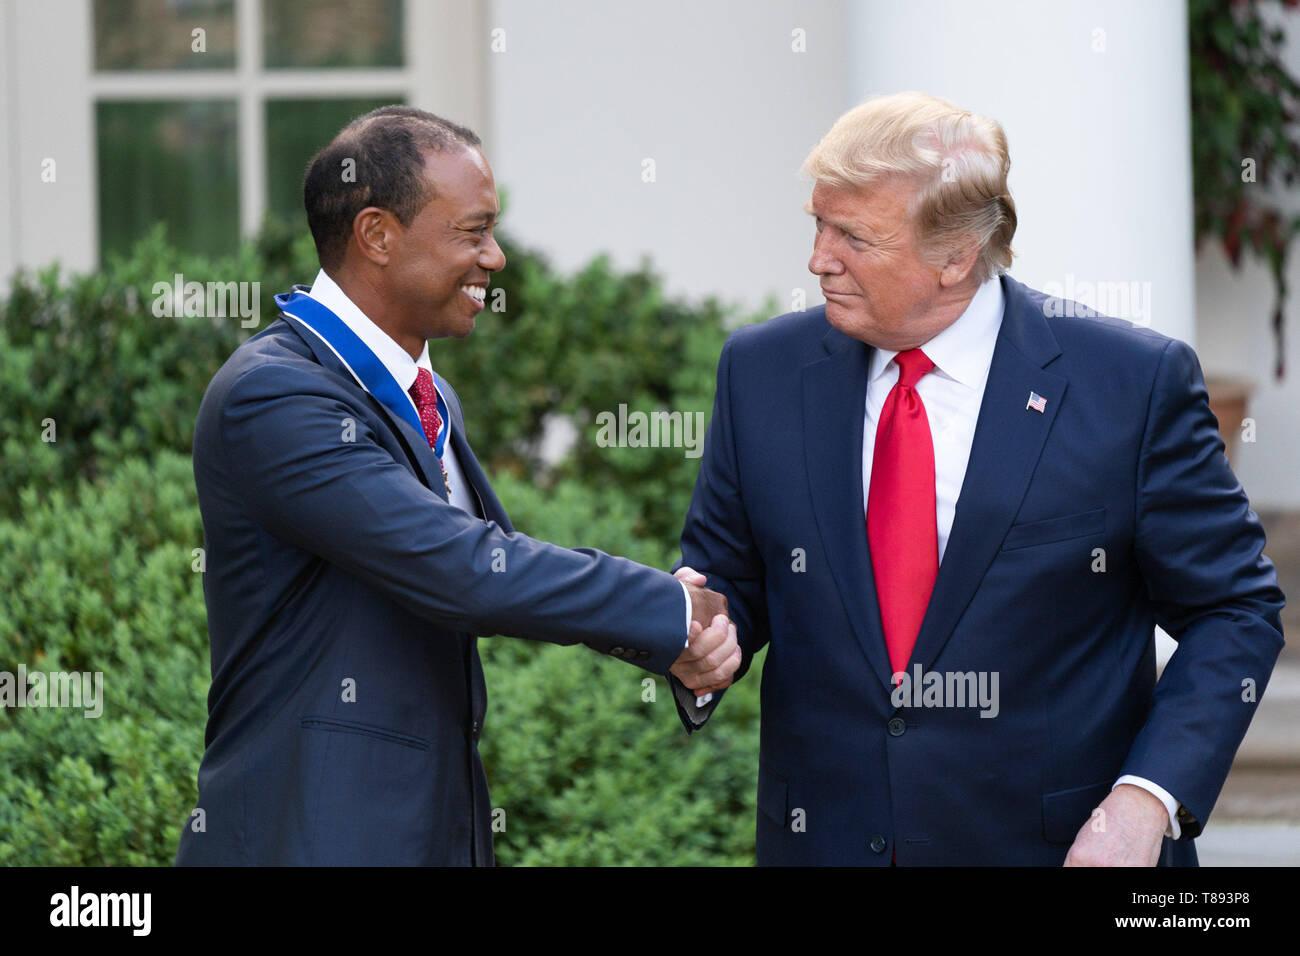 Präsident Donald J. Trumpf präsentiert die Presidential Medal of Freedom zu Tiger Woods Montag, 6. Mai 2019, im Rosengarten des Weißen Hauses Personen: Präsident Donald Trump, Tiger Woods Stockfoto